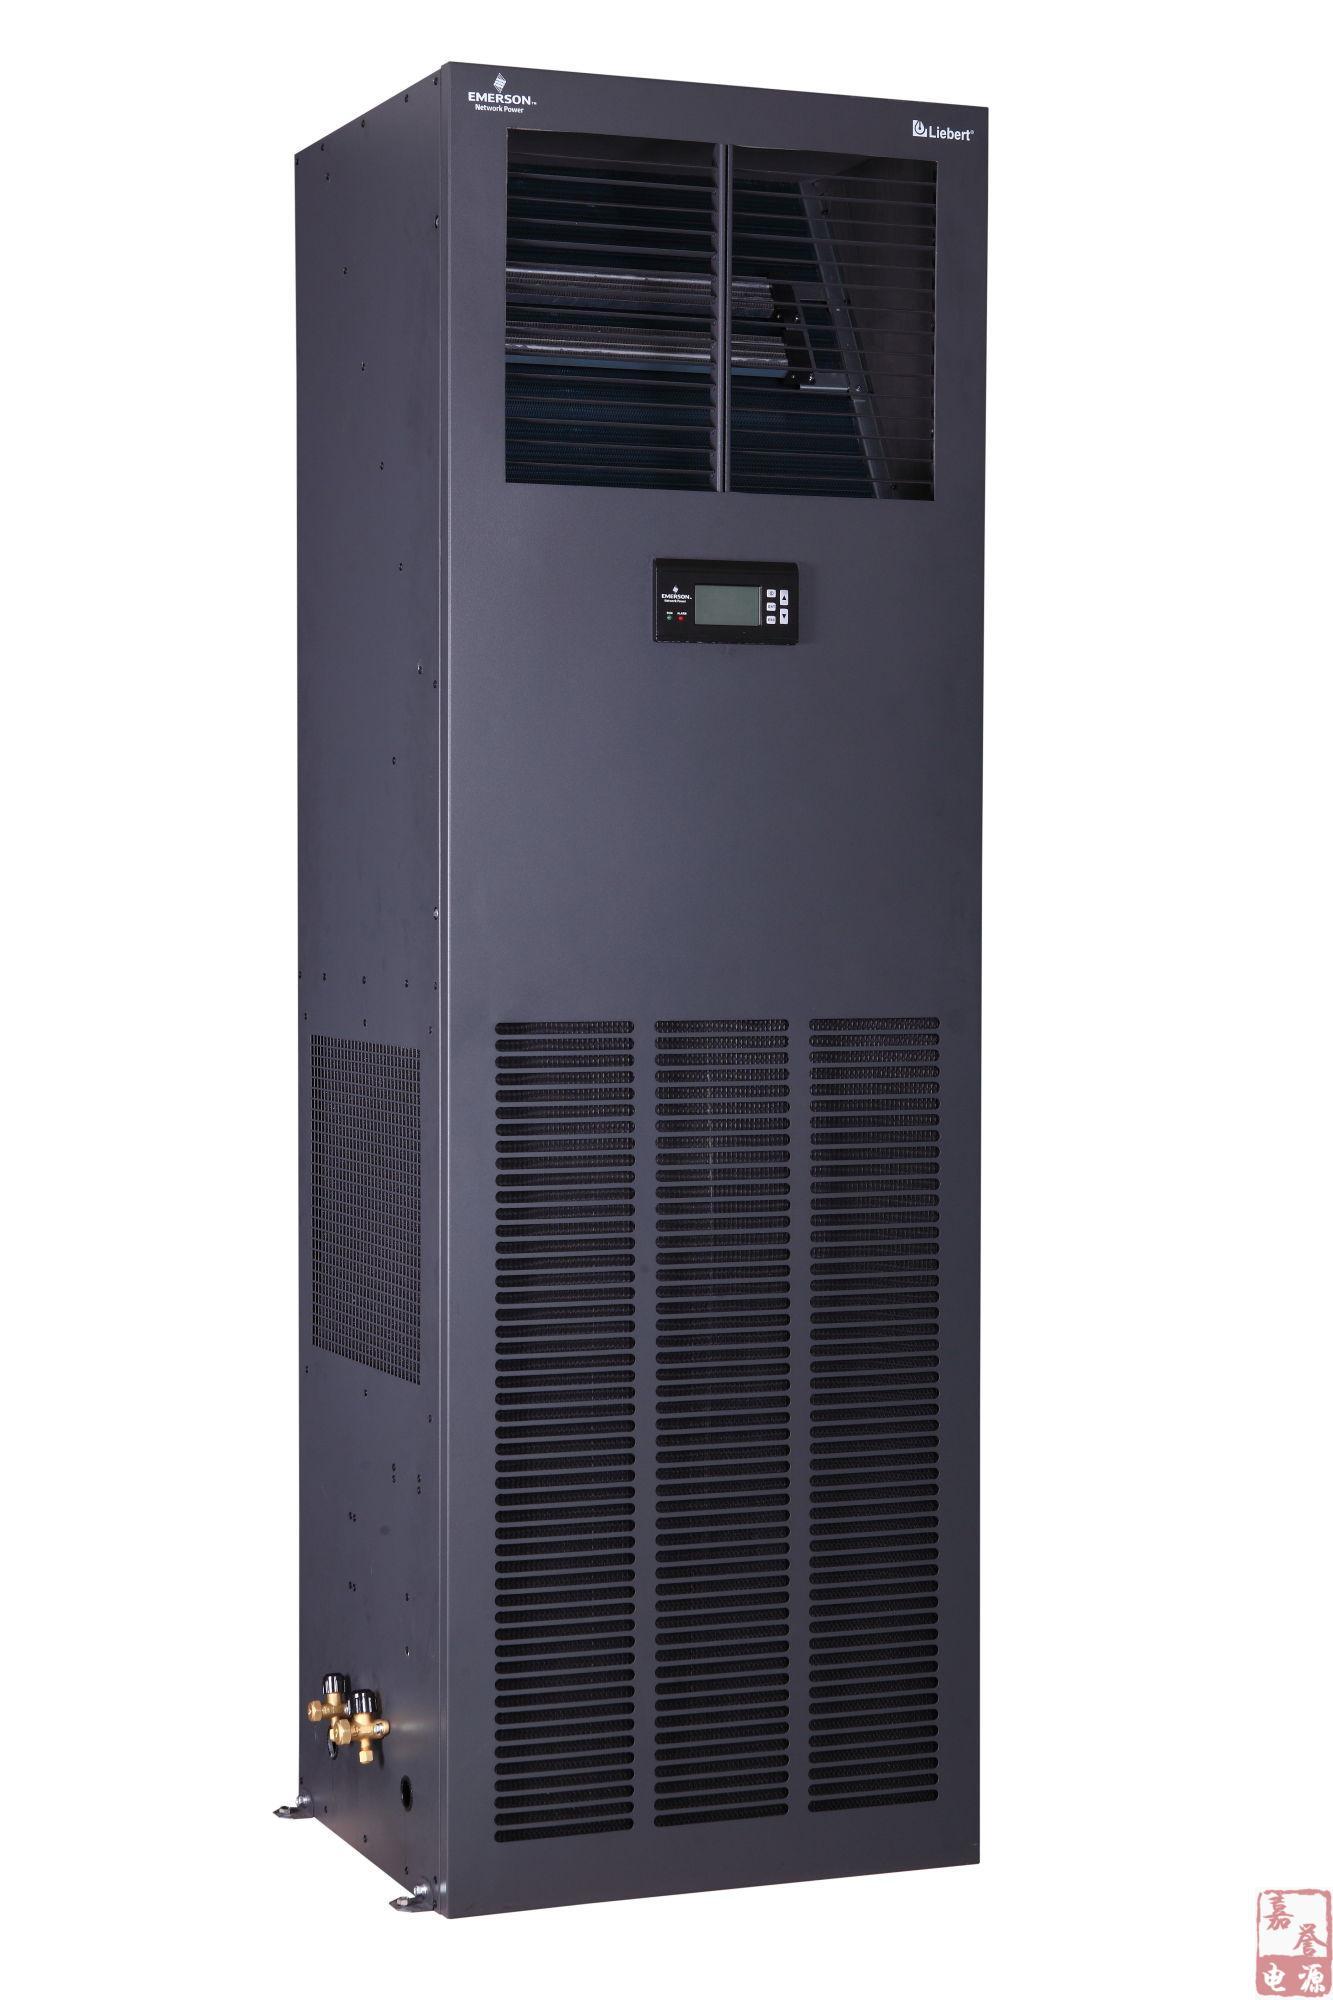 河南省开封艾默生精密空调西安总代7.5KW单冷DME07MCP5